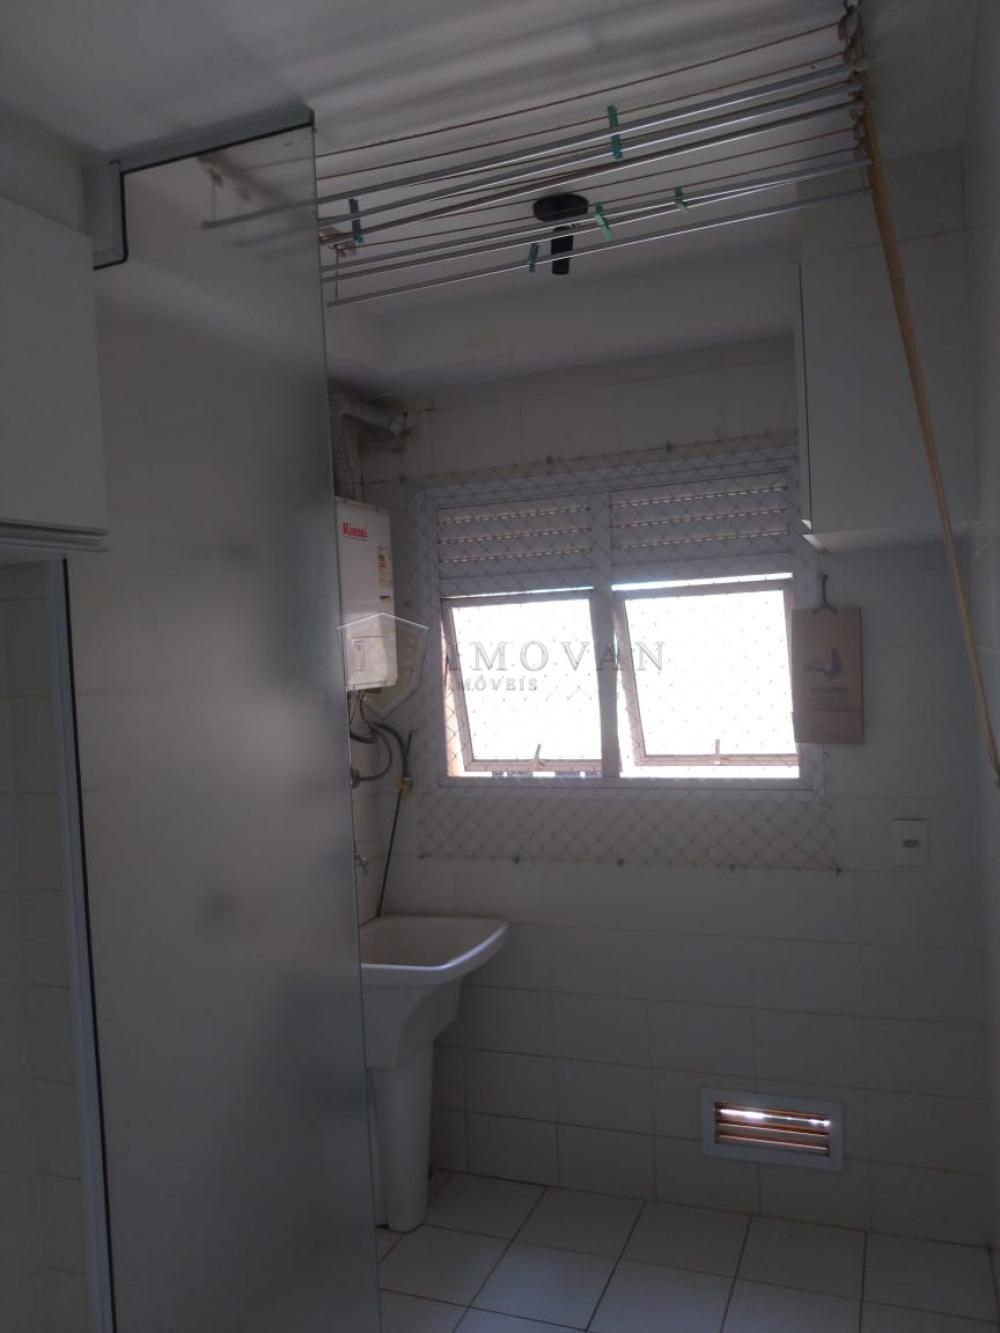 Comprar Apartamento / Padrão em Ribeirão Preto R$ 445.000,00 - Foto 11